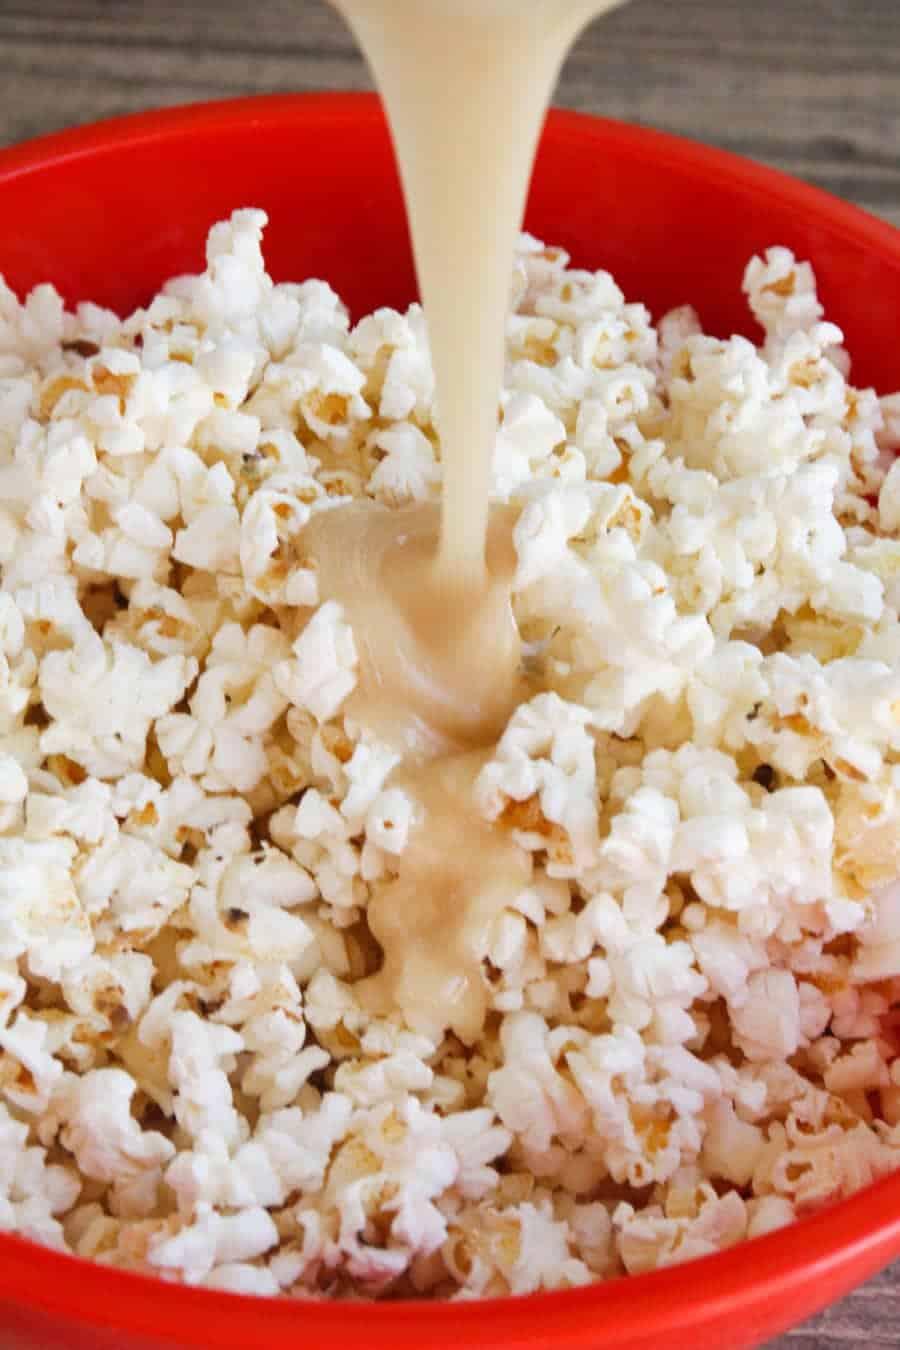 caramel corn ingredients in bowl